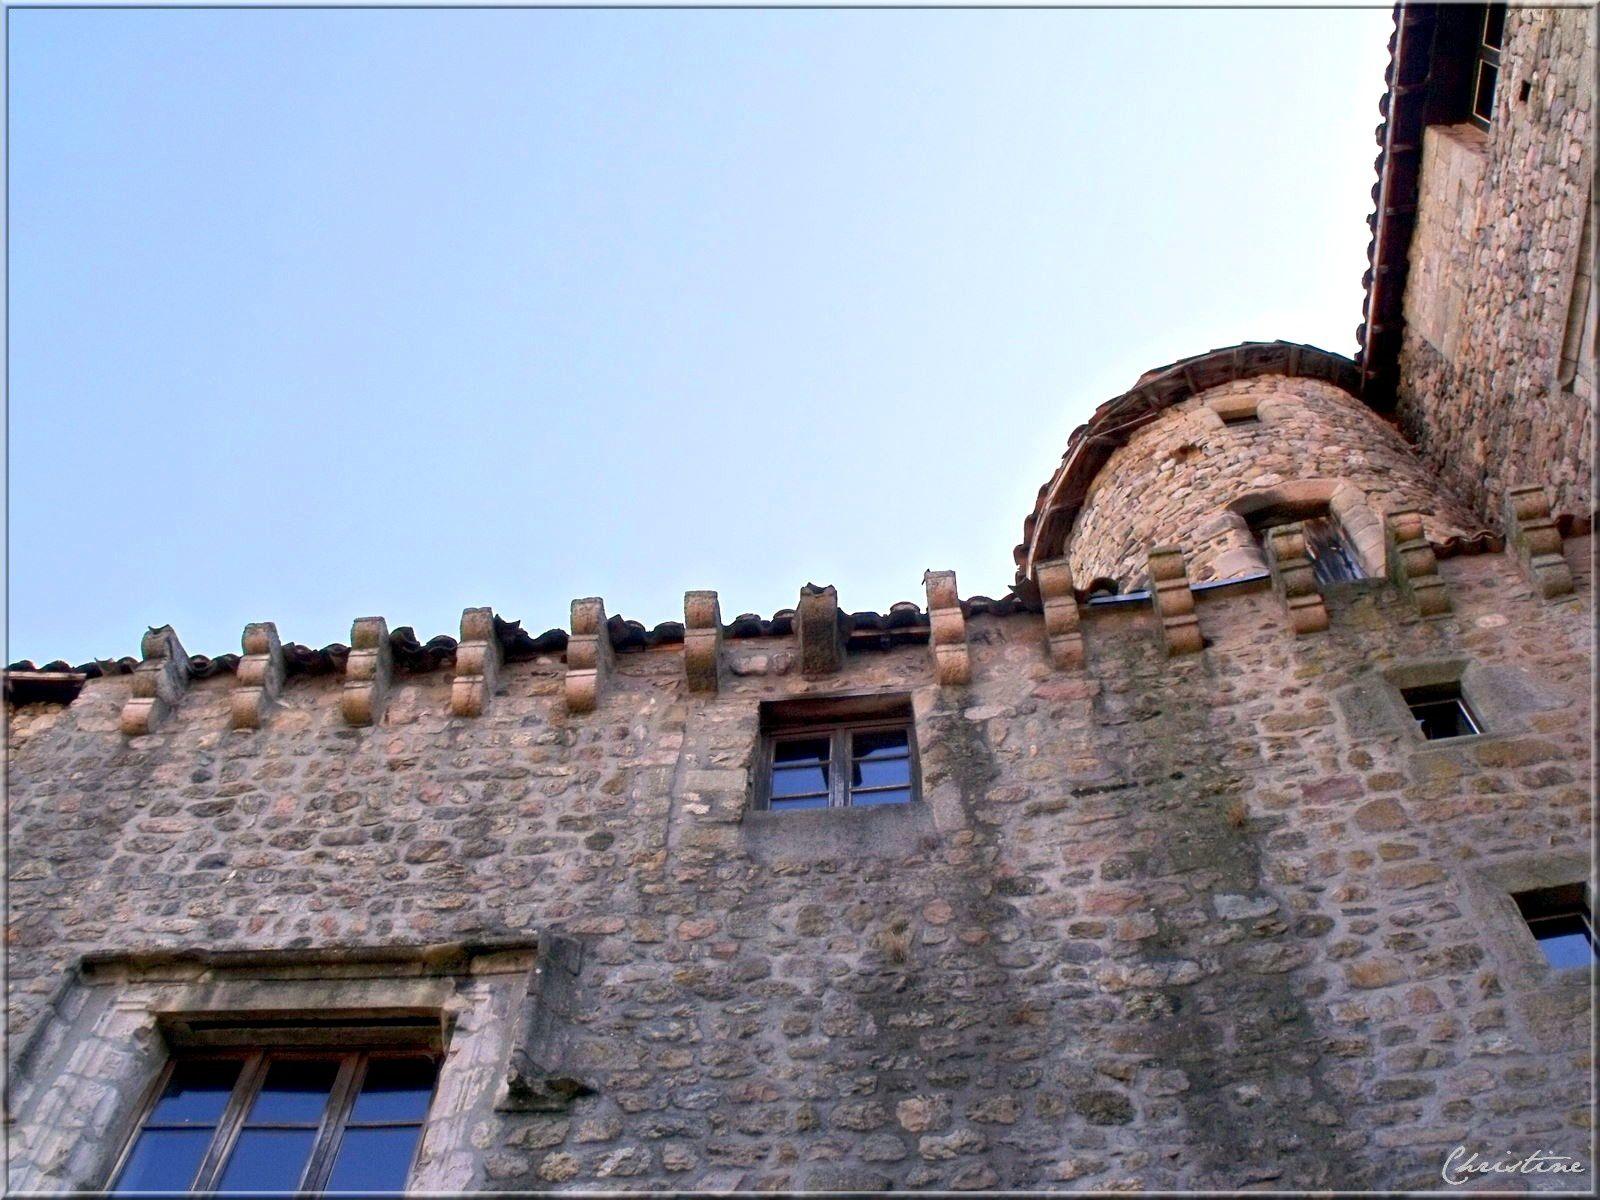 Désaignes est un charmant village dans la région du Vivarais ardèchois, aux alentours de Tournon /Rhône